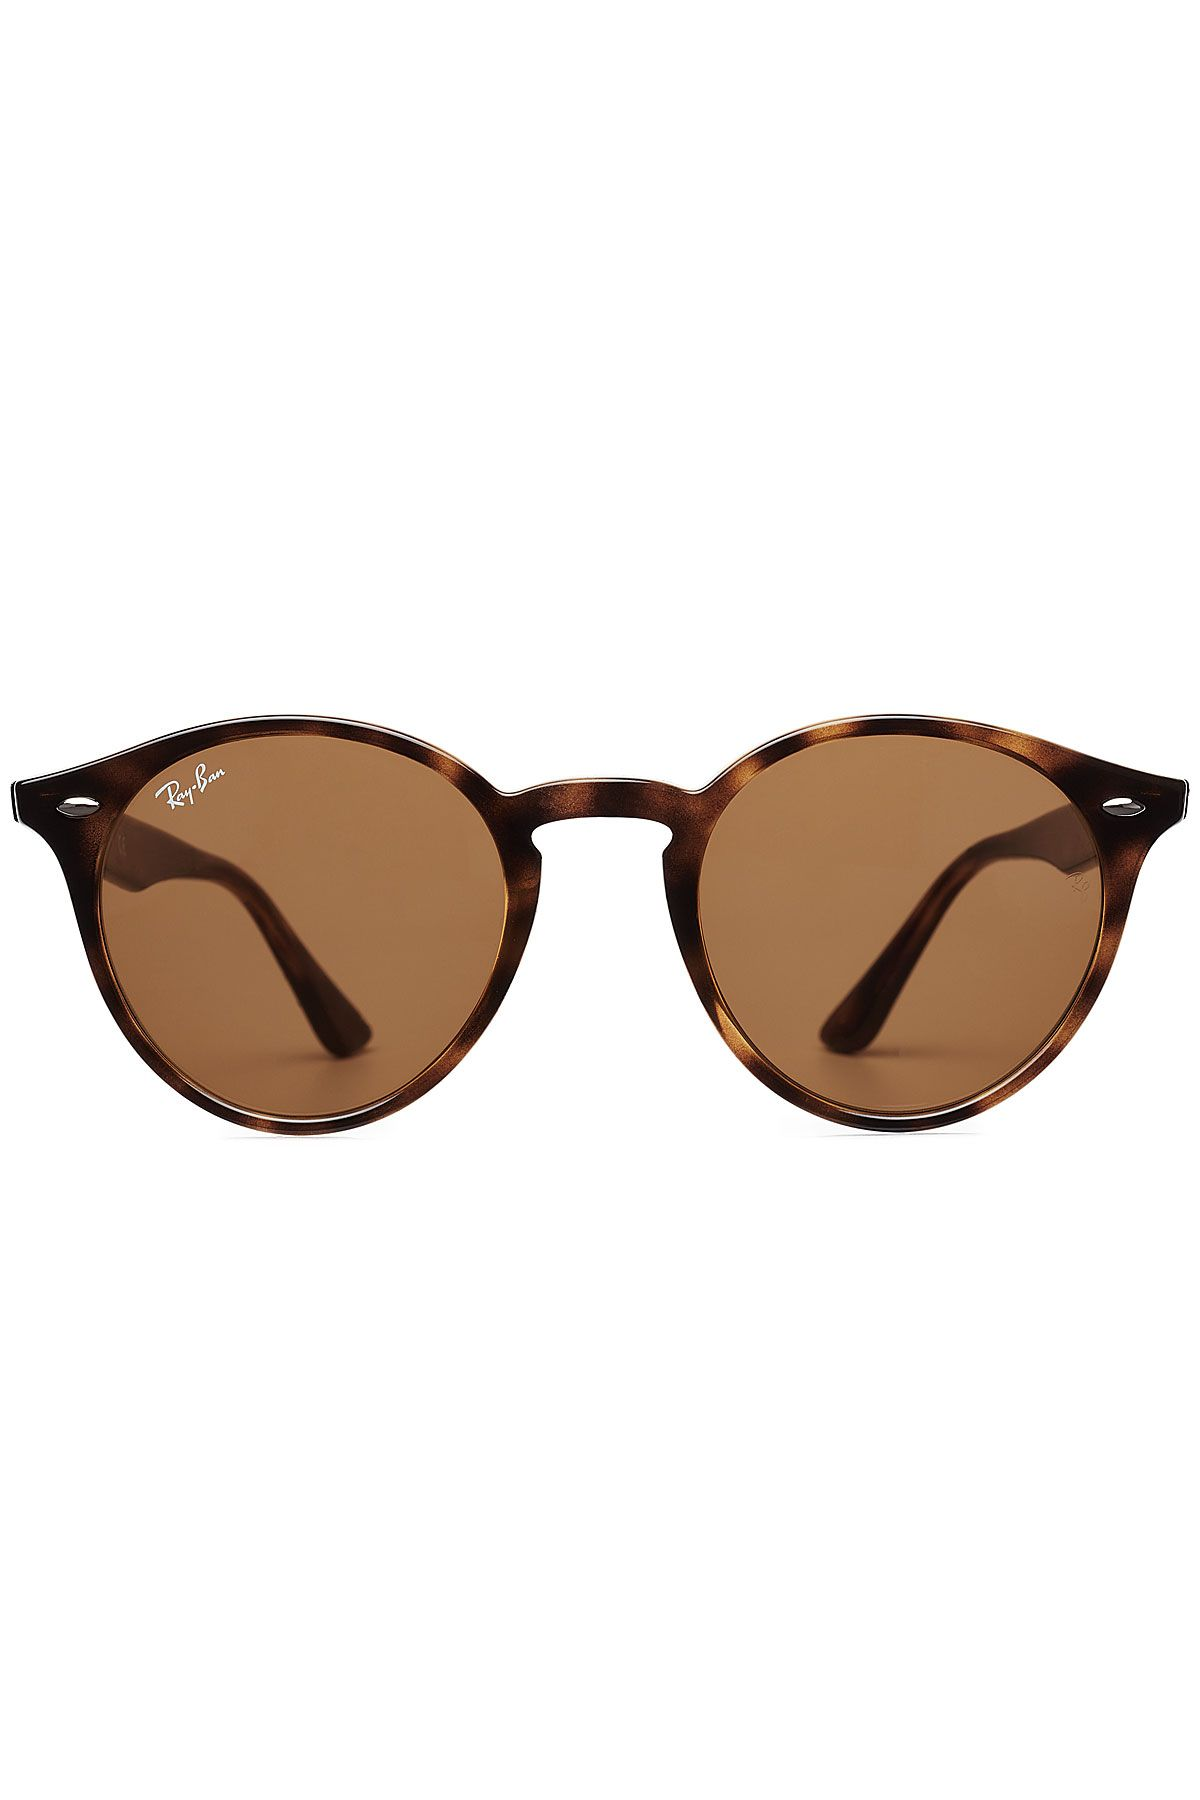 lunettes de soleil rondes rb2180 de ray ban la mode de luxe en ligne lunettes. Black Bedroom Furniture Sets. Home Design Ideas